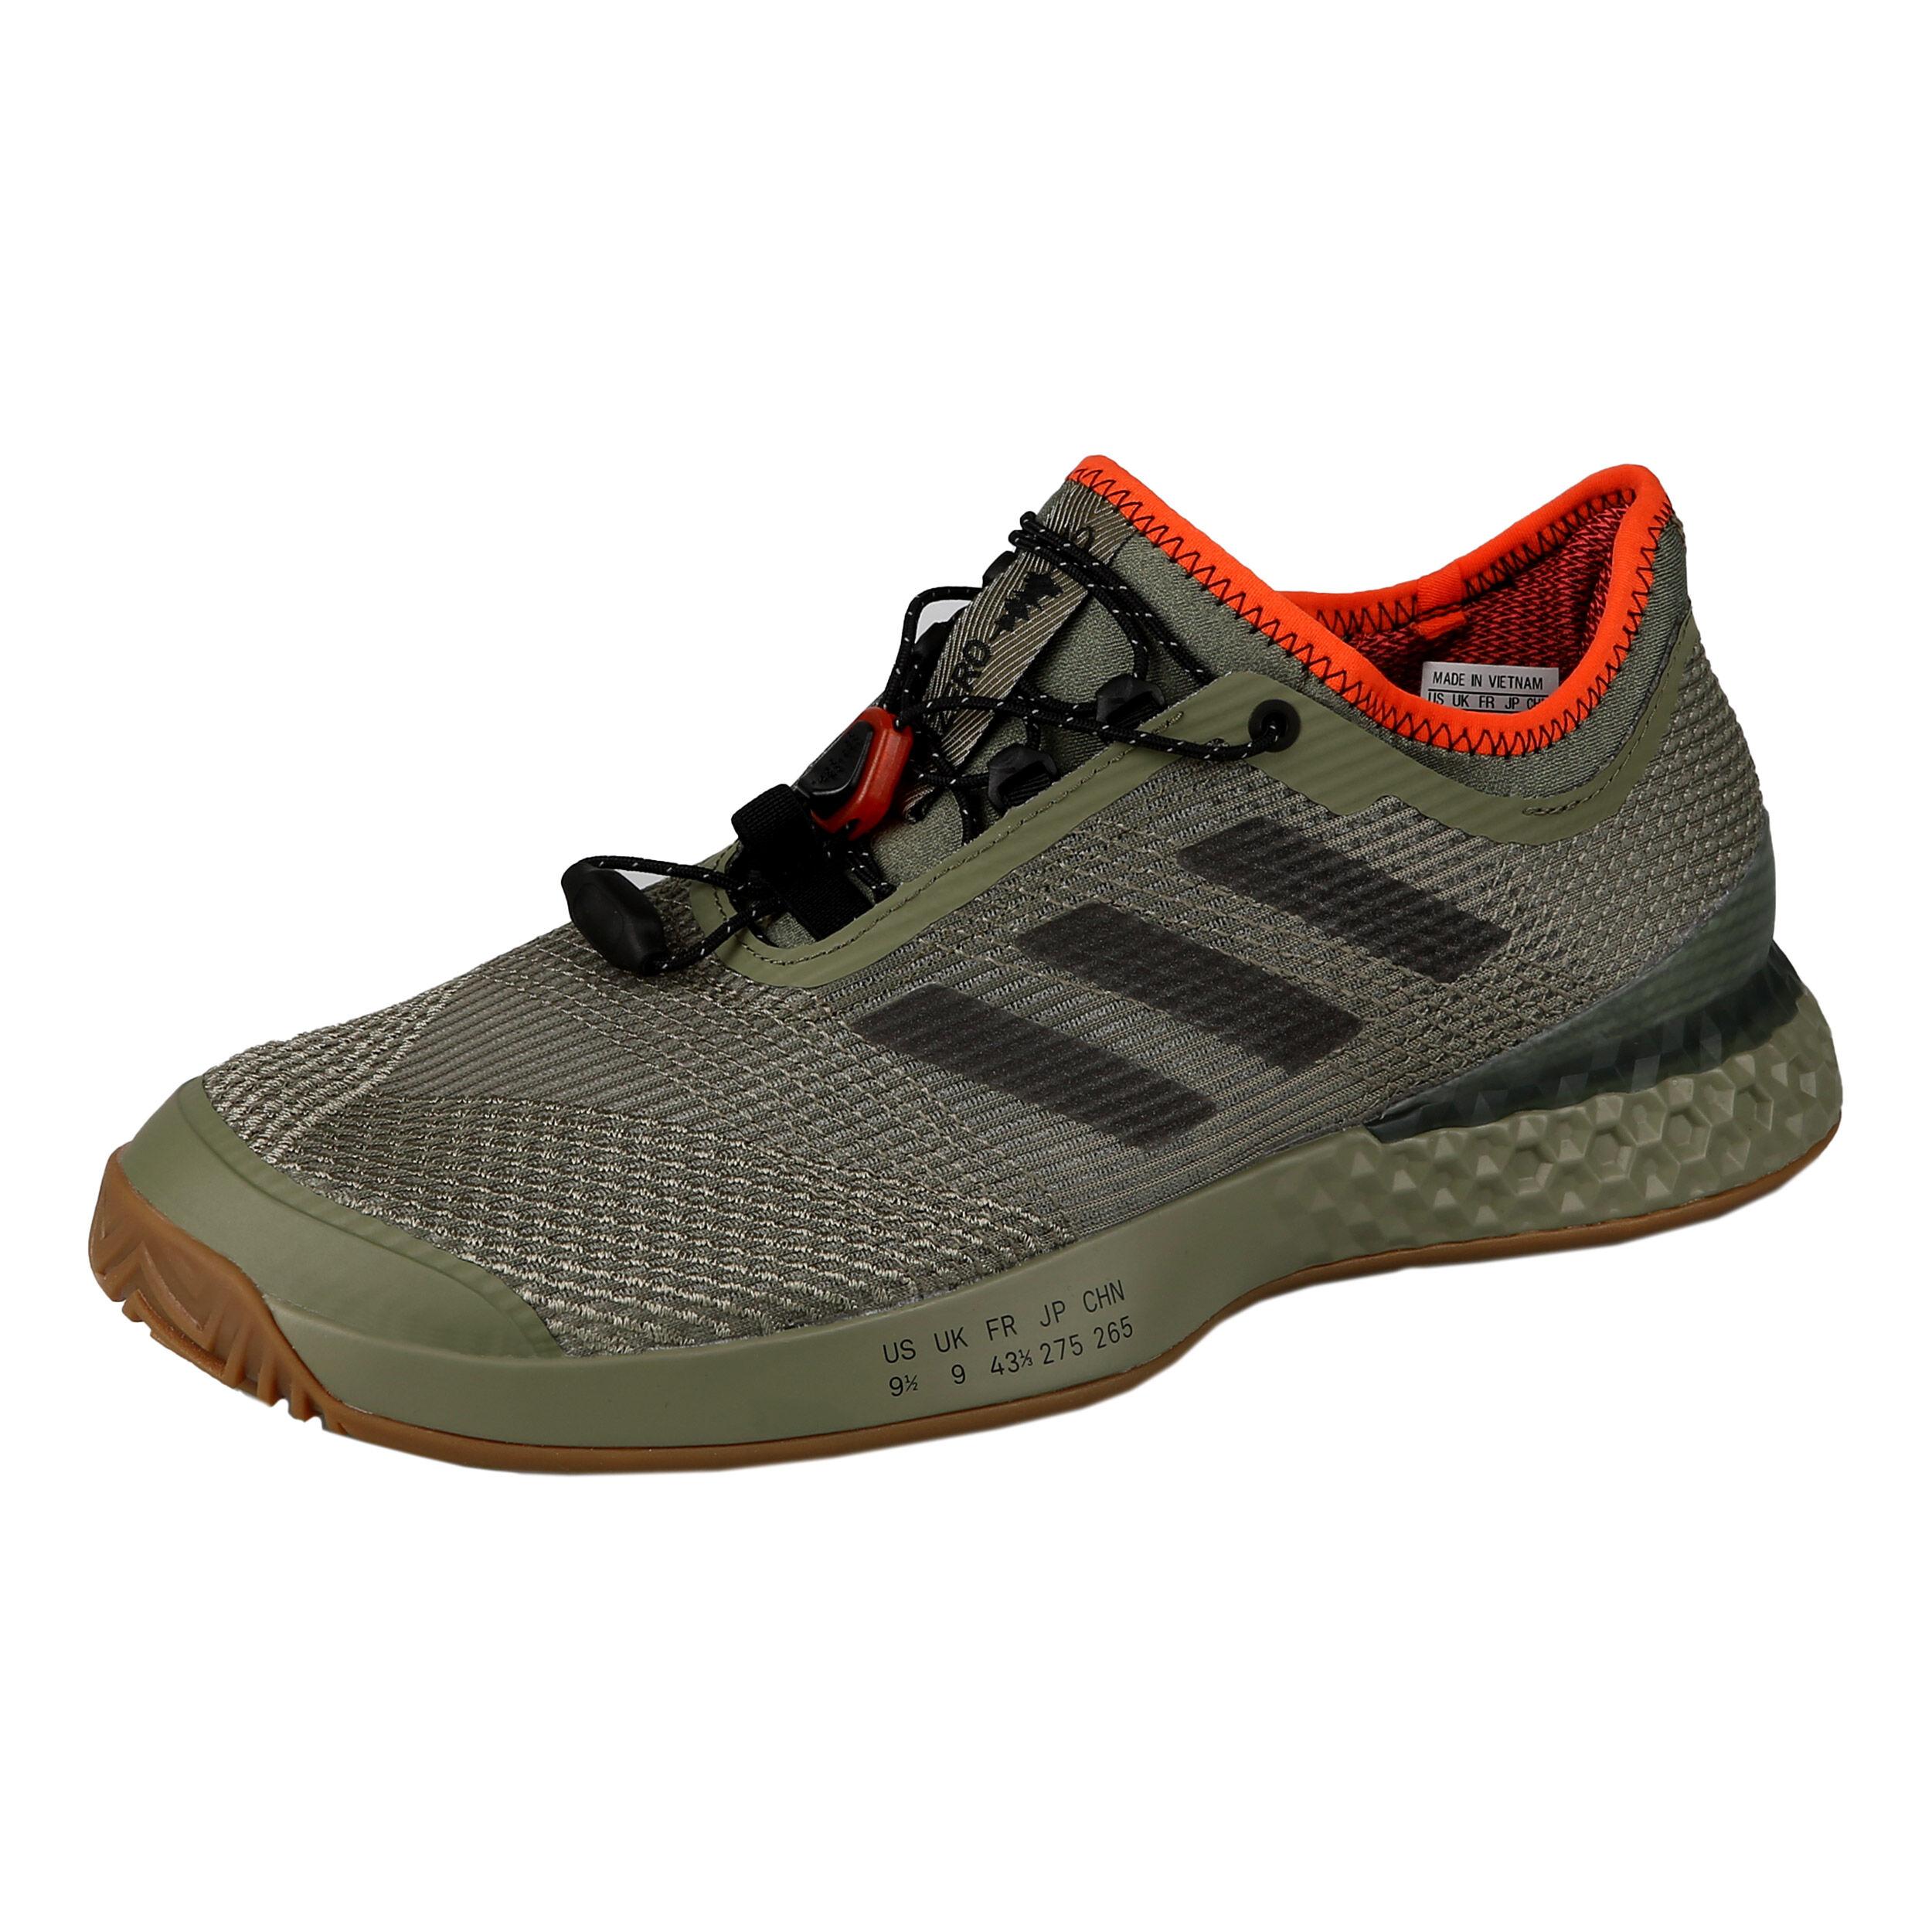 Chaussures Homme Adidas Adizero Ubersonic 3 Kaki 2019 Toutes surfaces